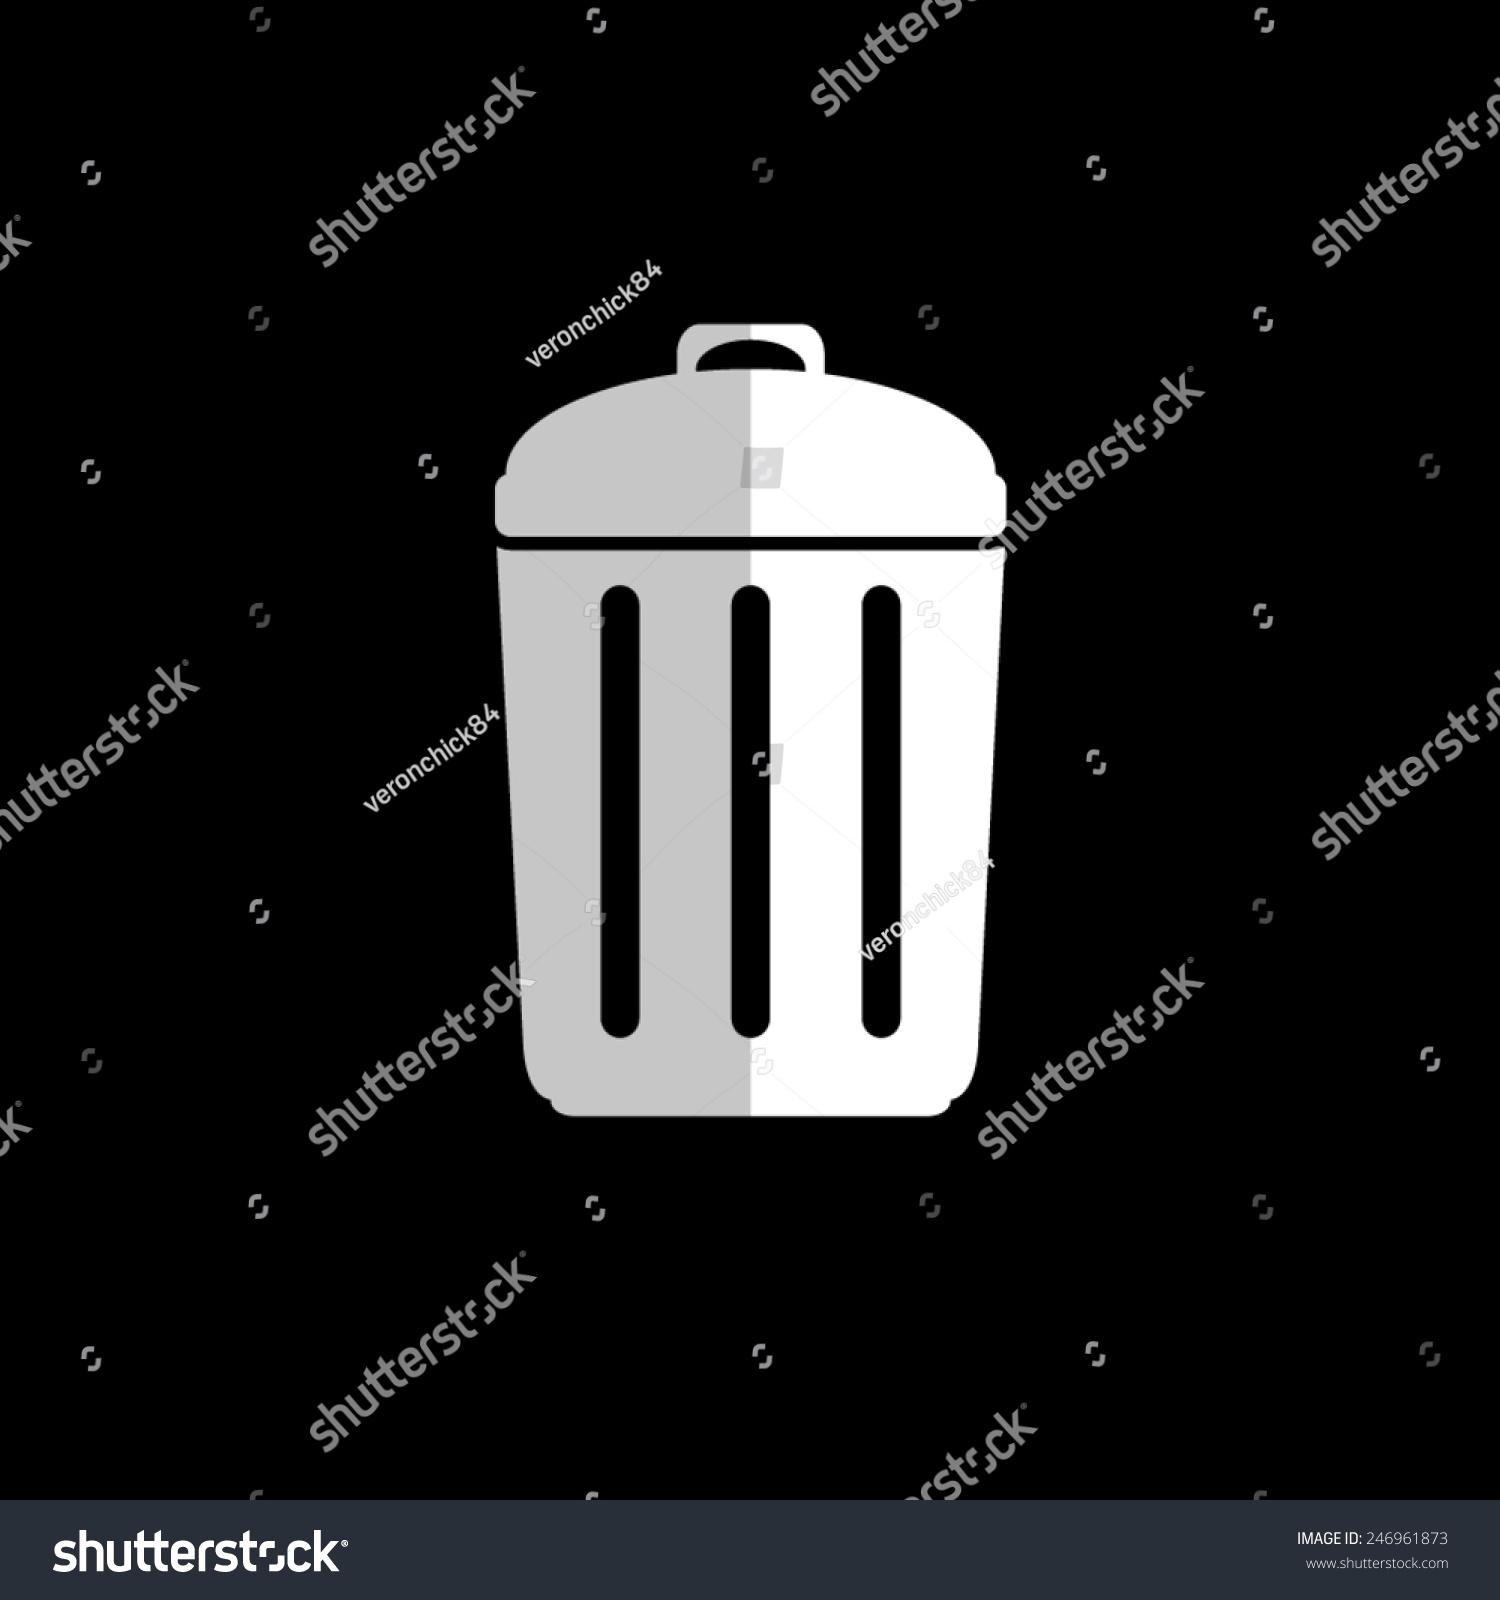 垃圾桶-矢量图标,平面设计-科技